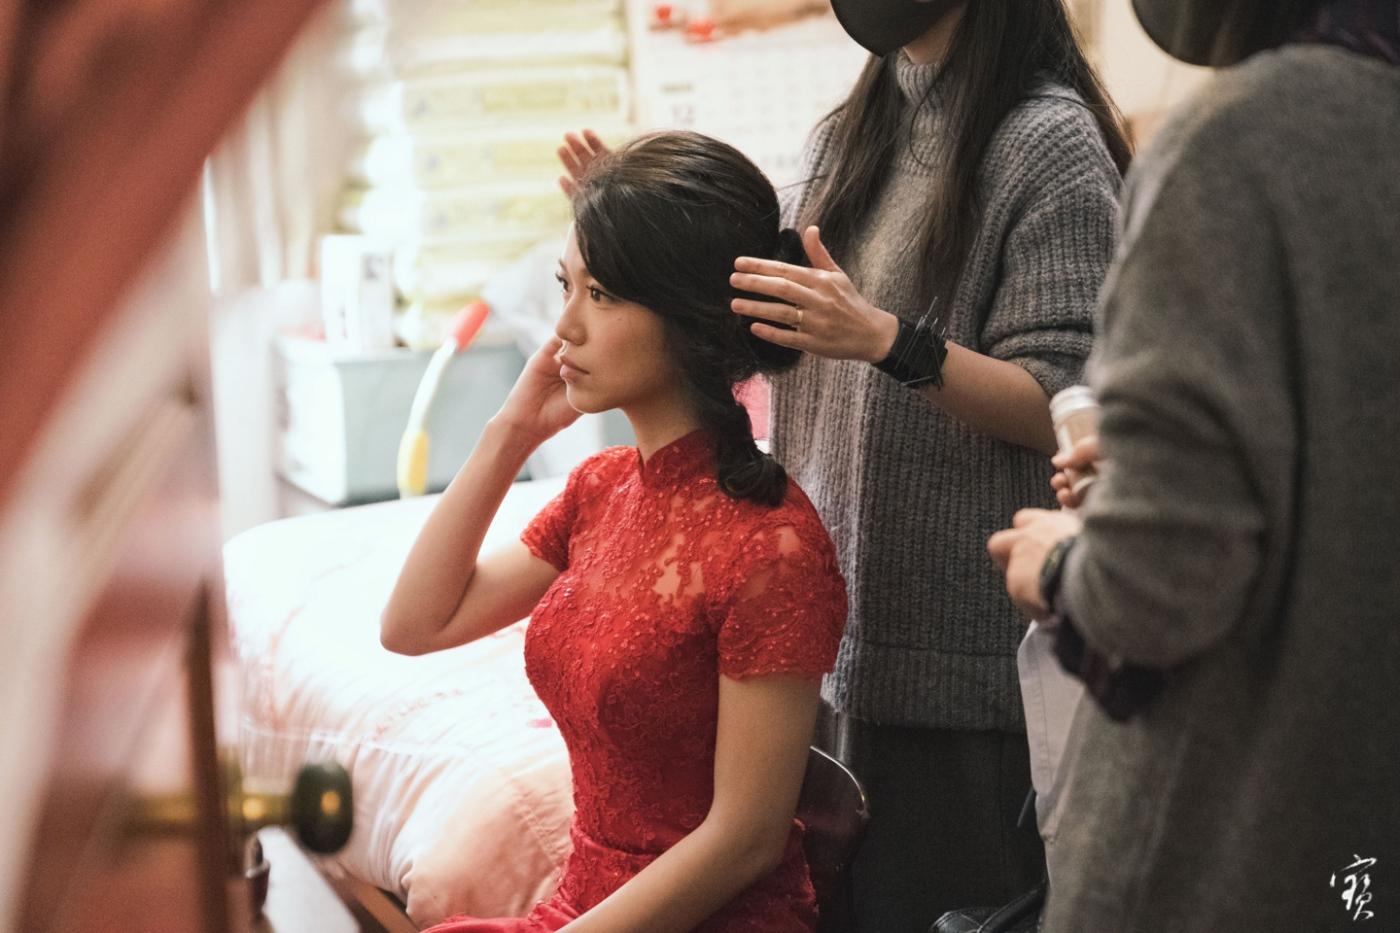 婚禮攝影 婚紗 大直 典華 冬半影像 攝影師大寶 北部攝影 台北攝影 桃園攝影 新竹攝影20181208-11